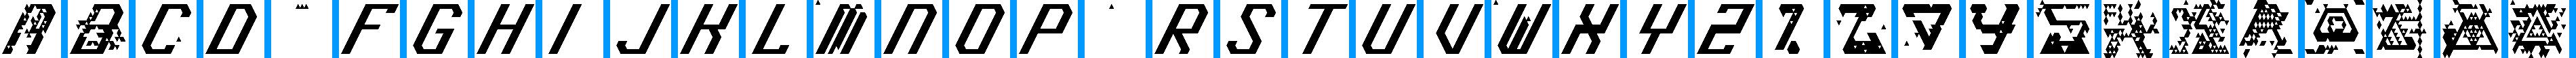 Particip-a-type v.237